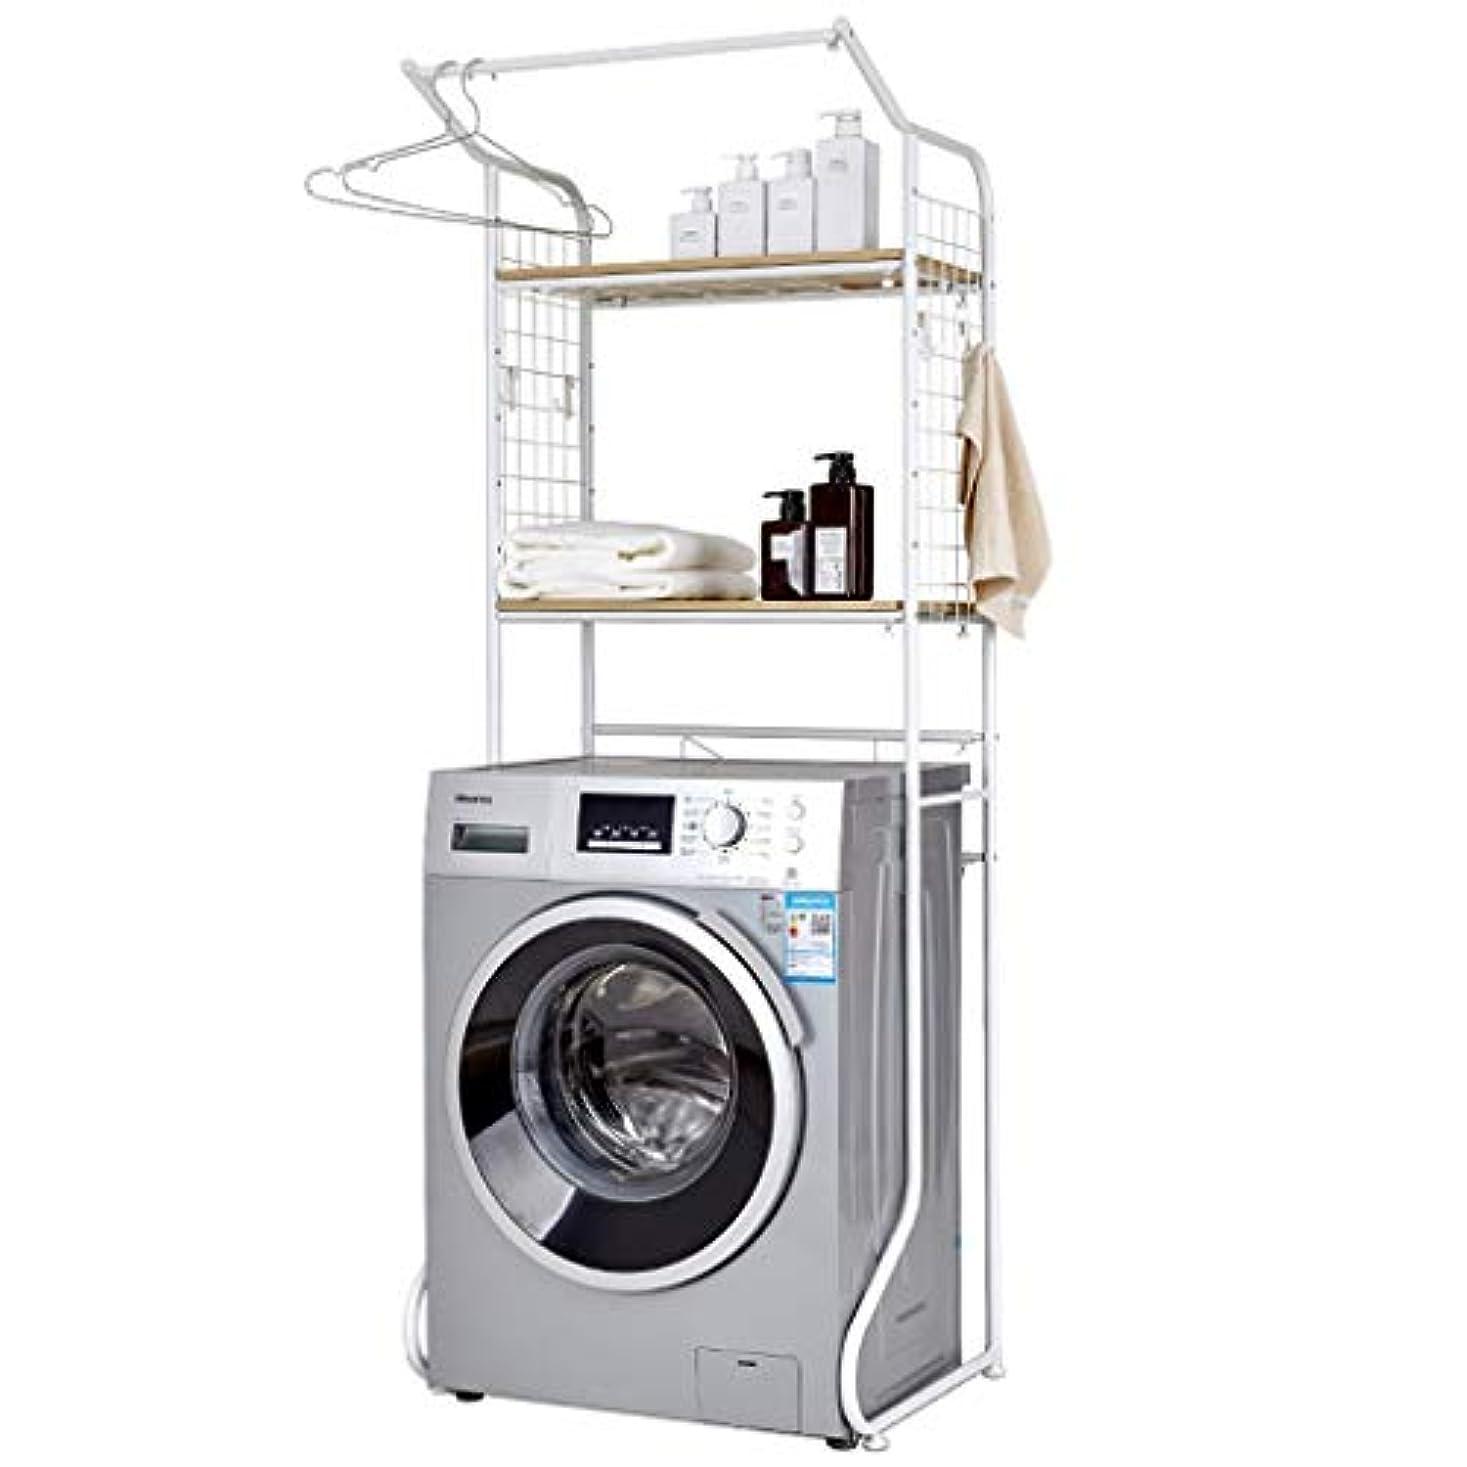 みがきますクリーム分岐する浴室用シェルフ 棚トイレラックトイレ床ダブル板ラック仕上げ収納ラックの上の錬鉄製の洗濯機幅は格納式ですサイズ:64.5-98.5cm * 50cm * 175cm バスルーム収納